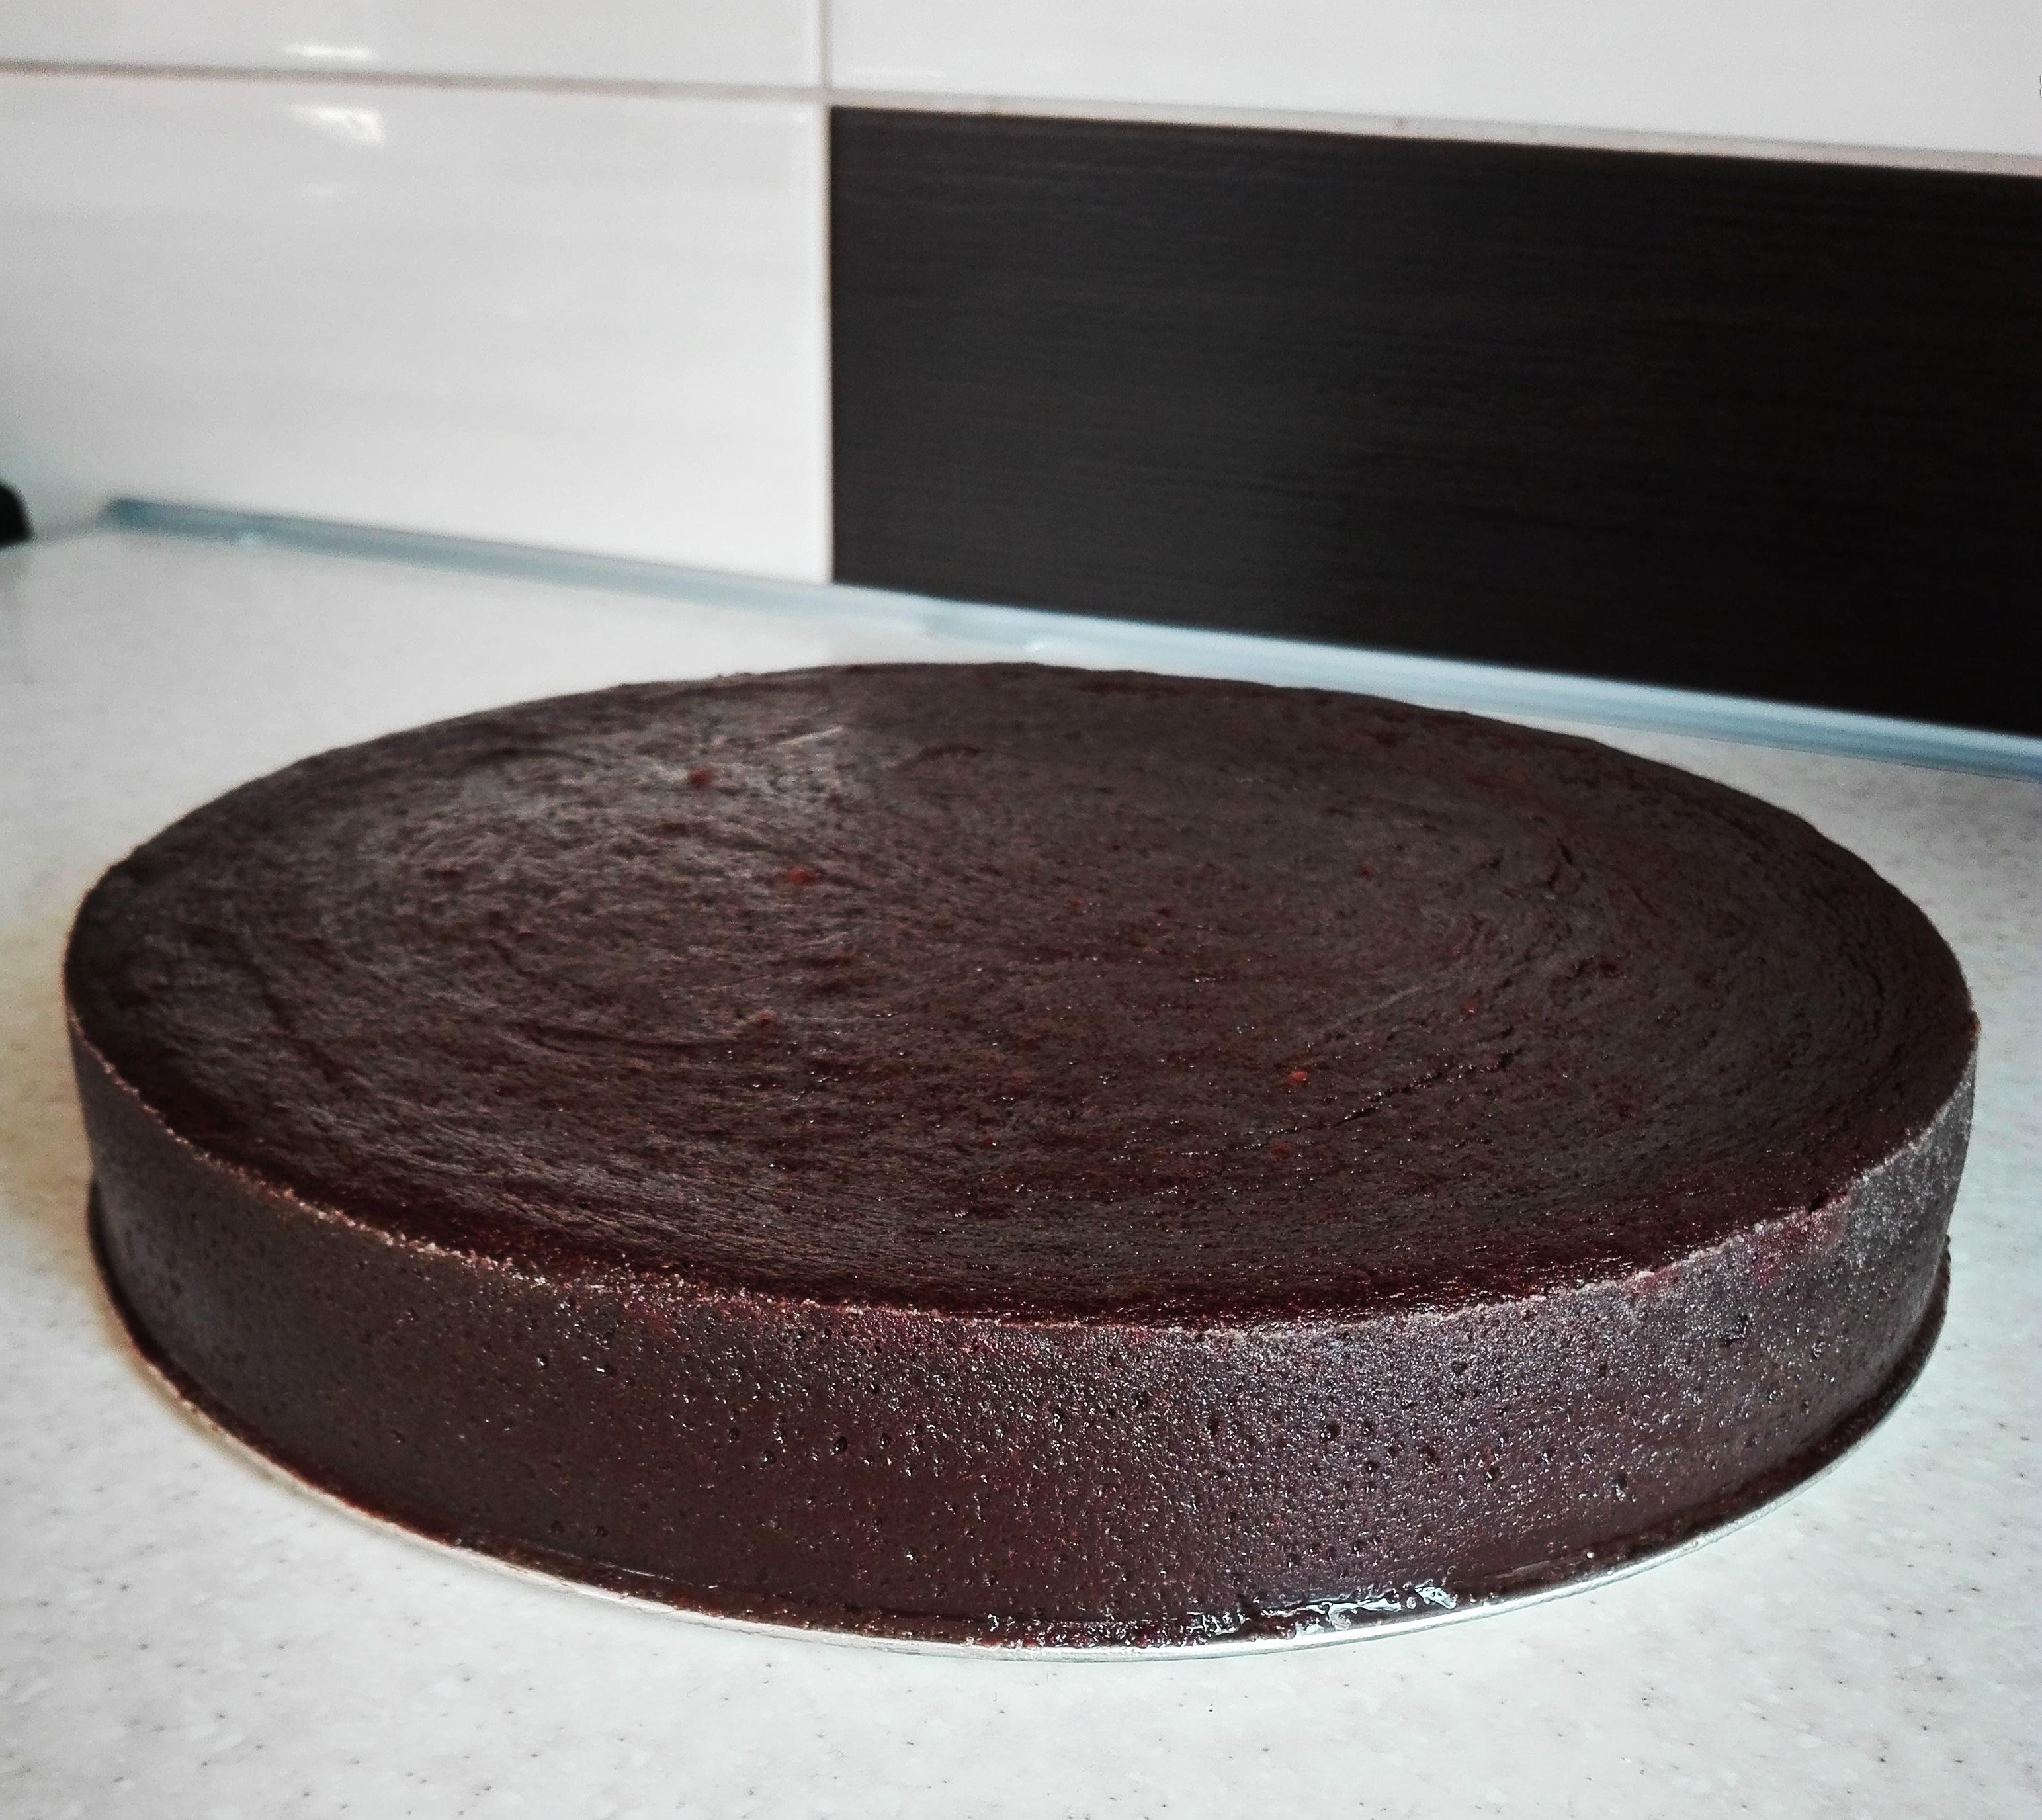 Ciasto czekoladowe (brownie)